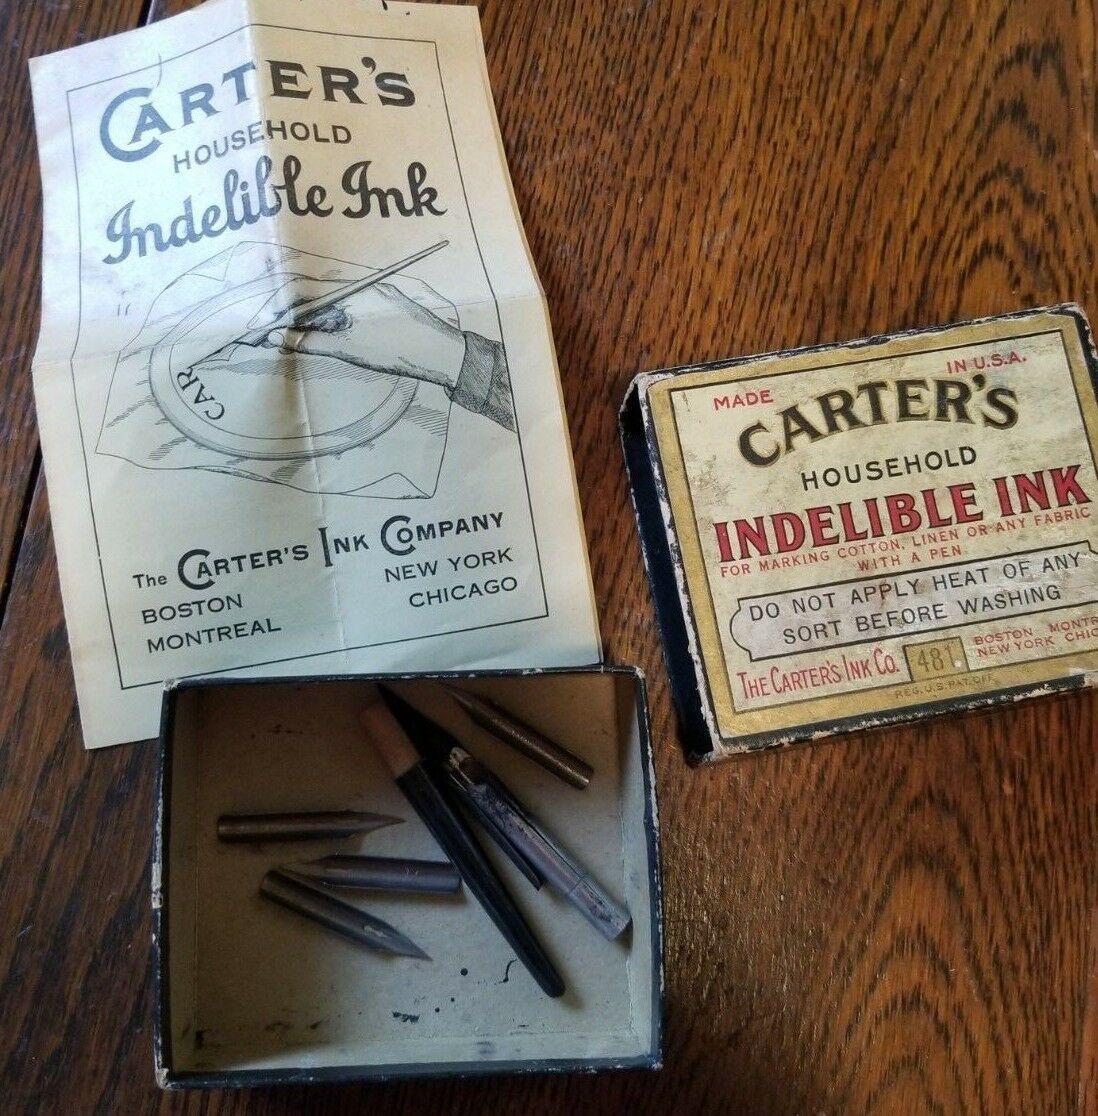 Vintage 1920s Carter Household Indelible Ink Box